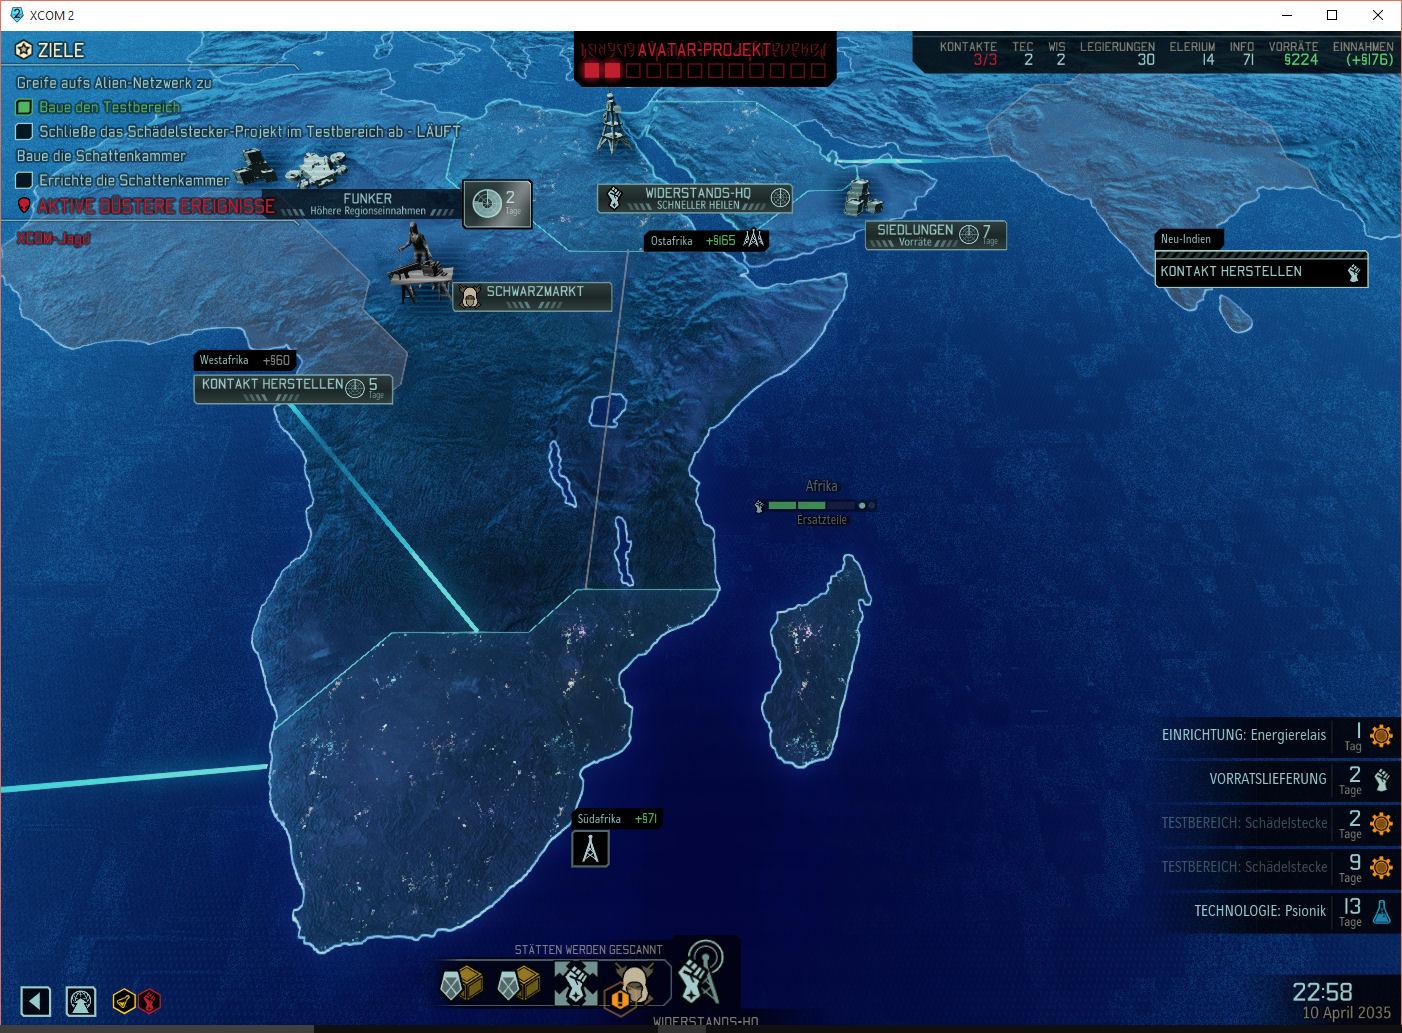 Über die Weltkarte werden unsere Einsätze geplant